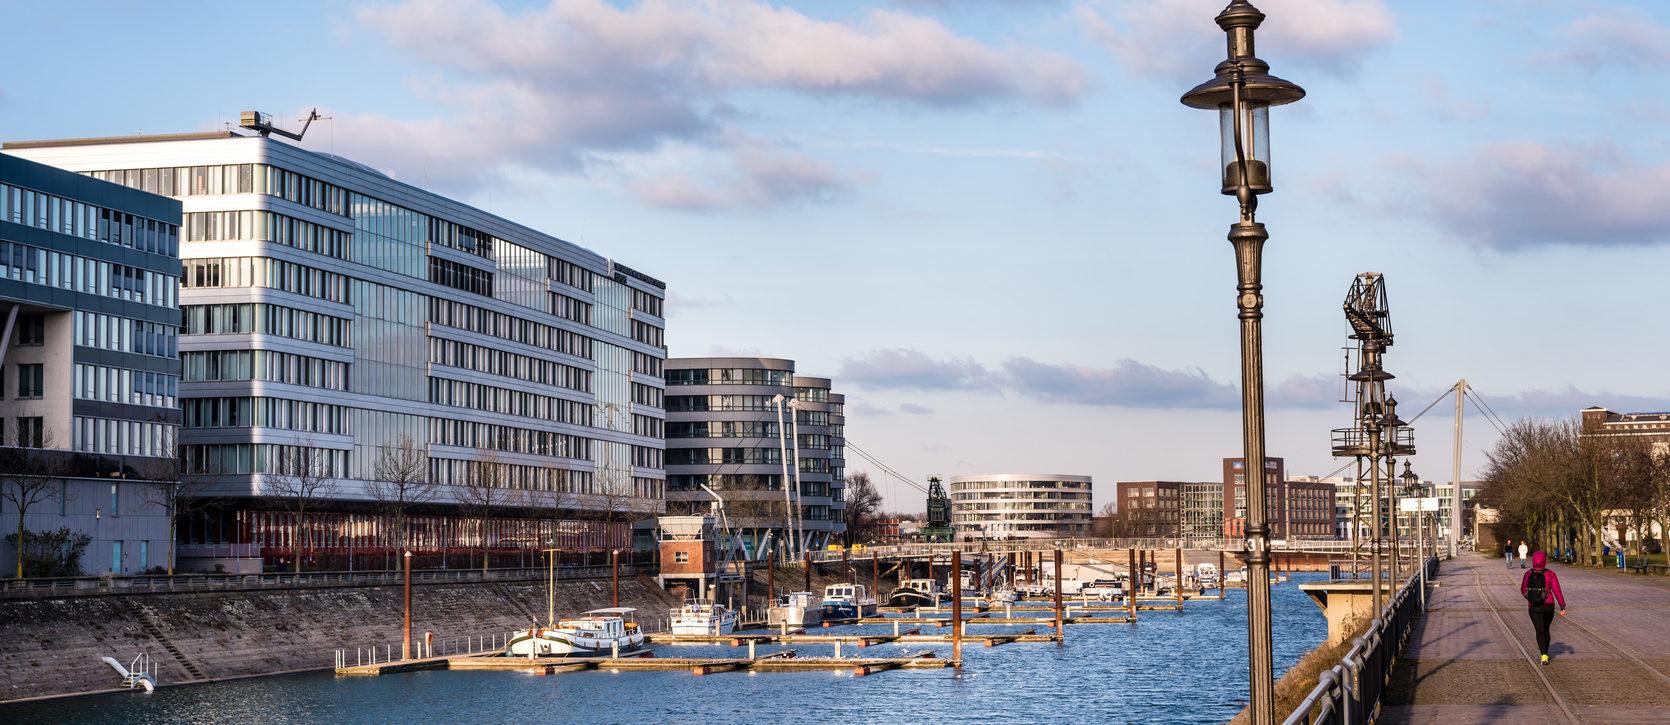 Hotelreinigung-Duisburg und Housekeeping-Duisburg